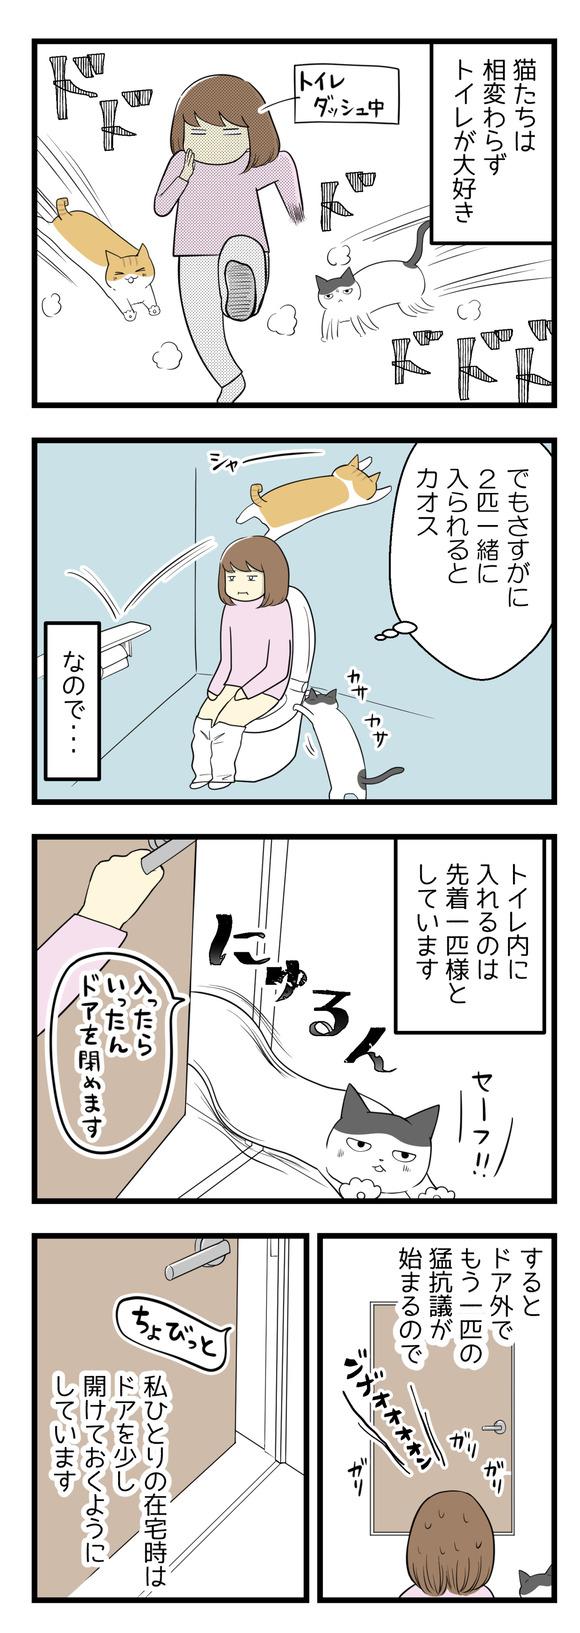 世界一気まずいトイレ前1-1